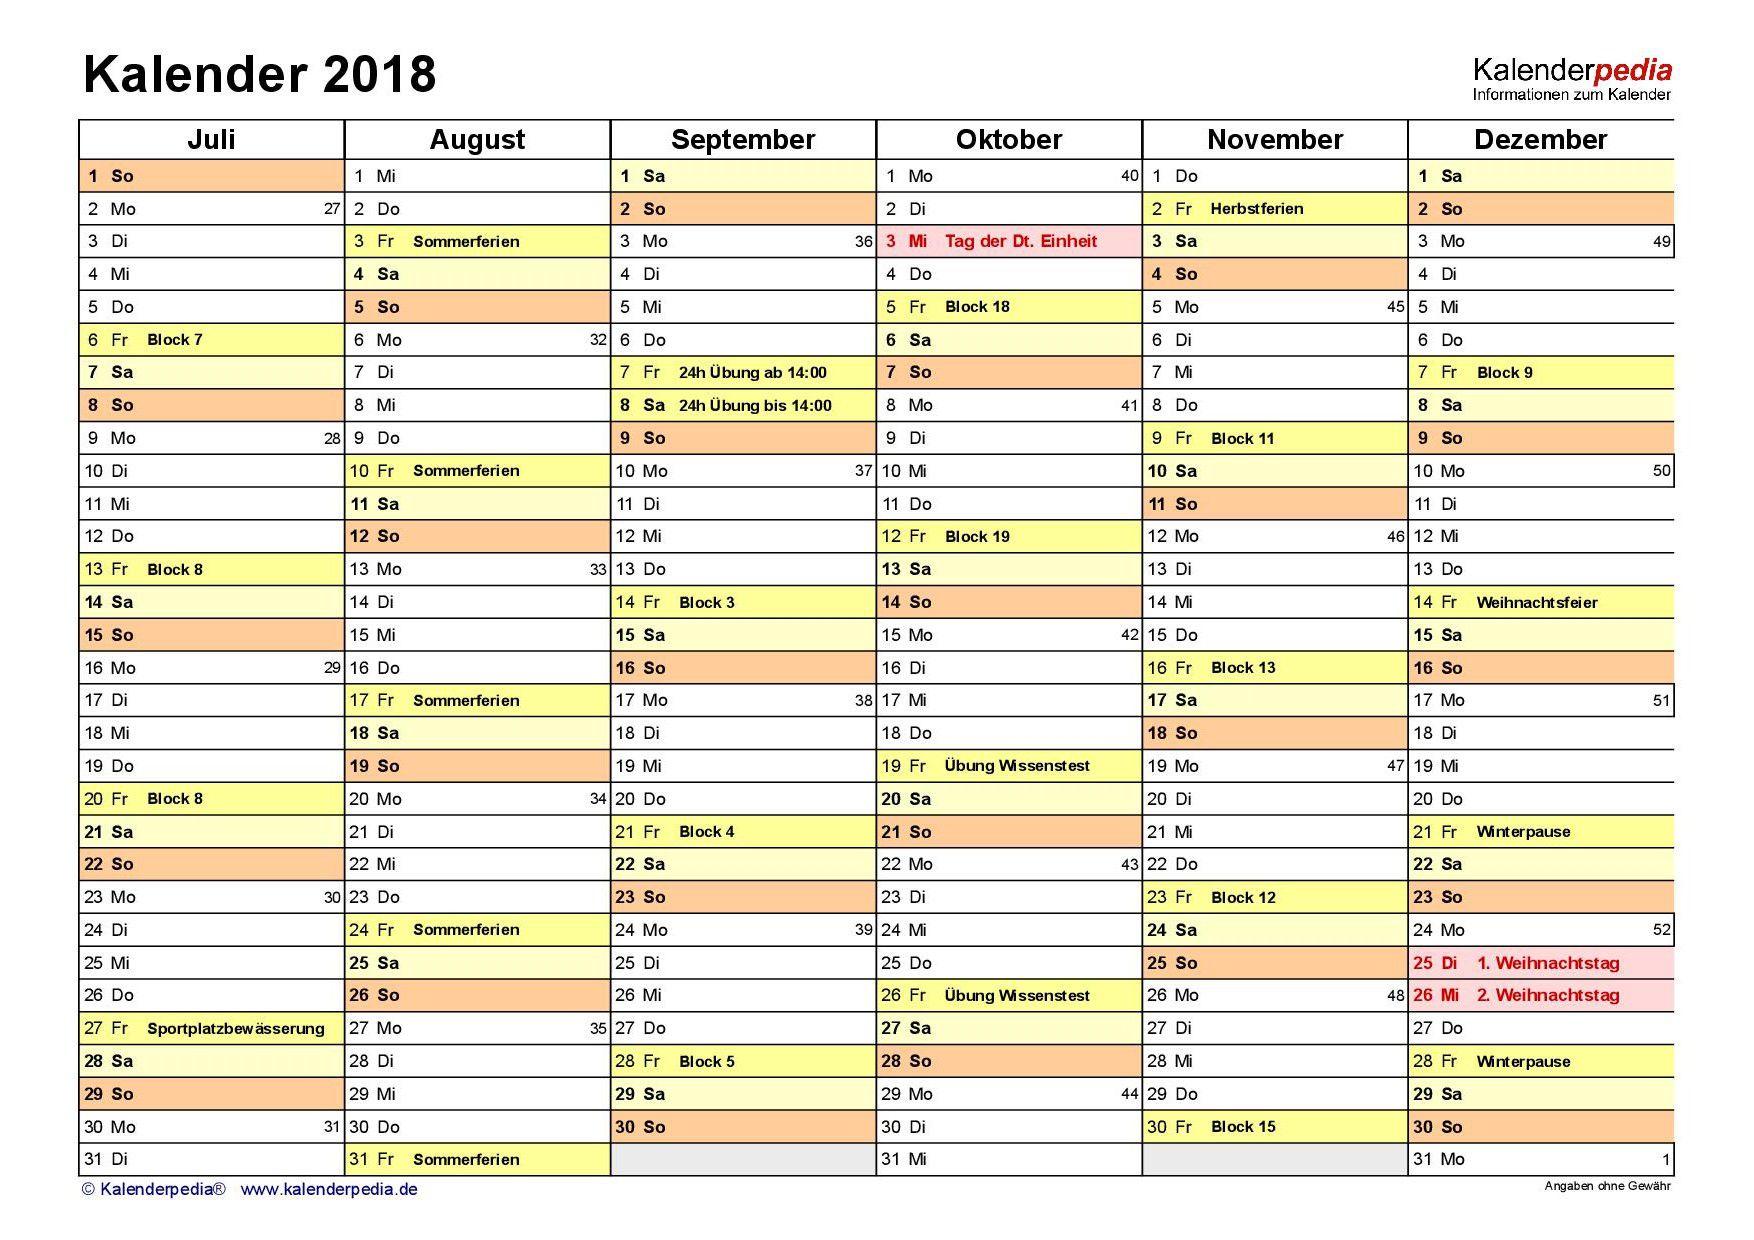 Kalender Ausbildung Jugendwehr2